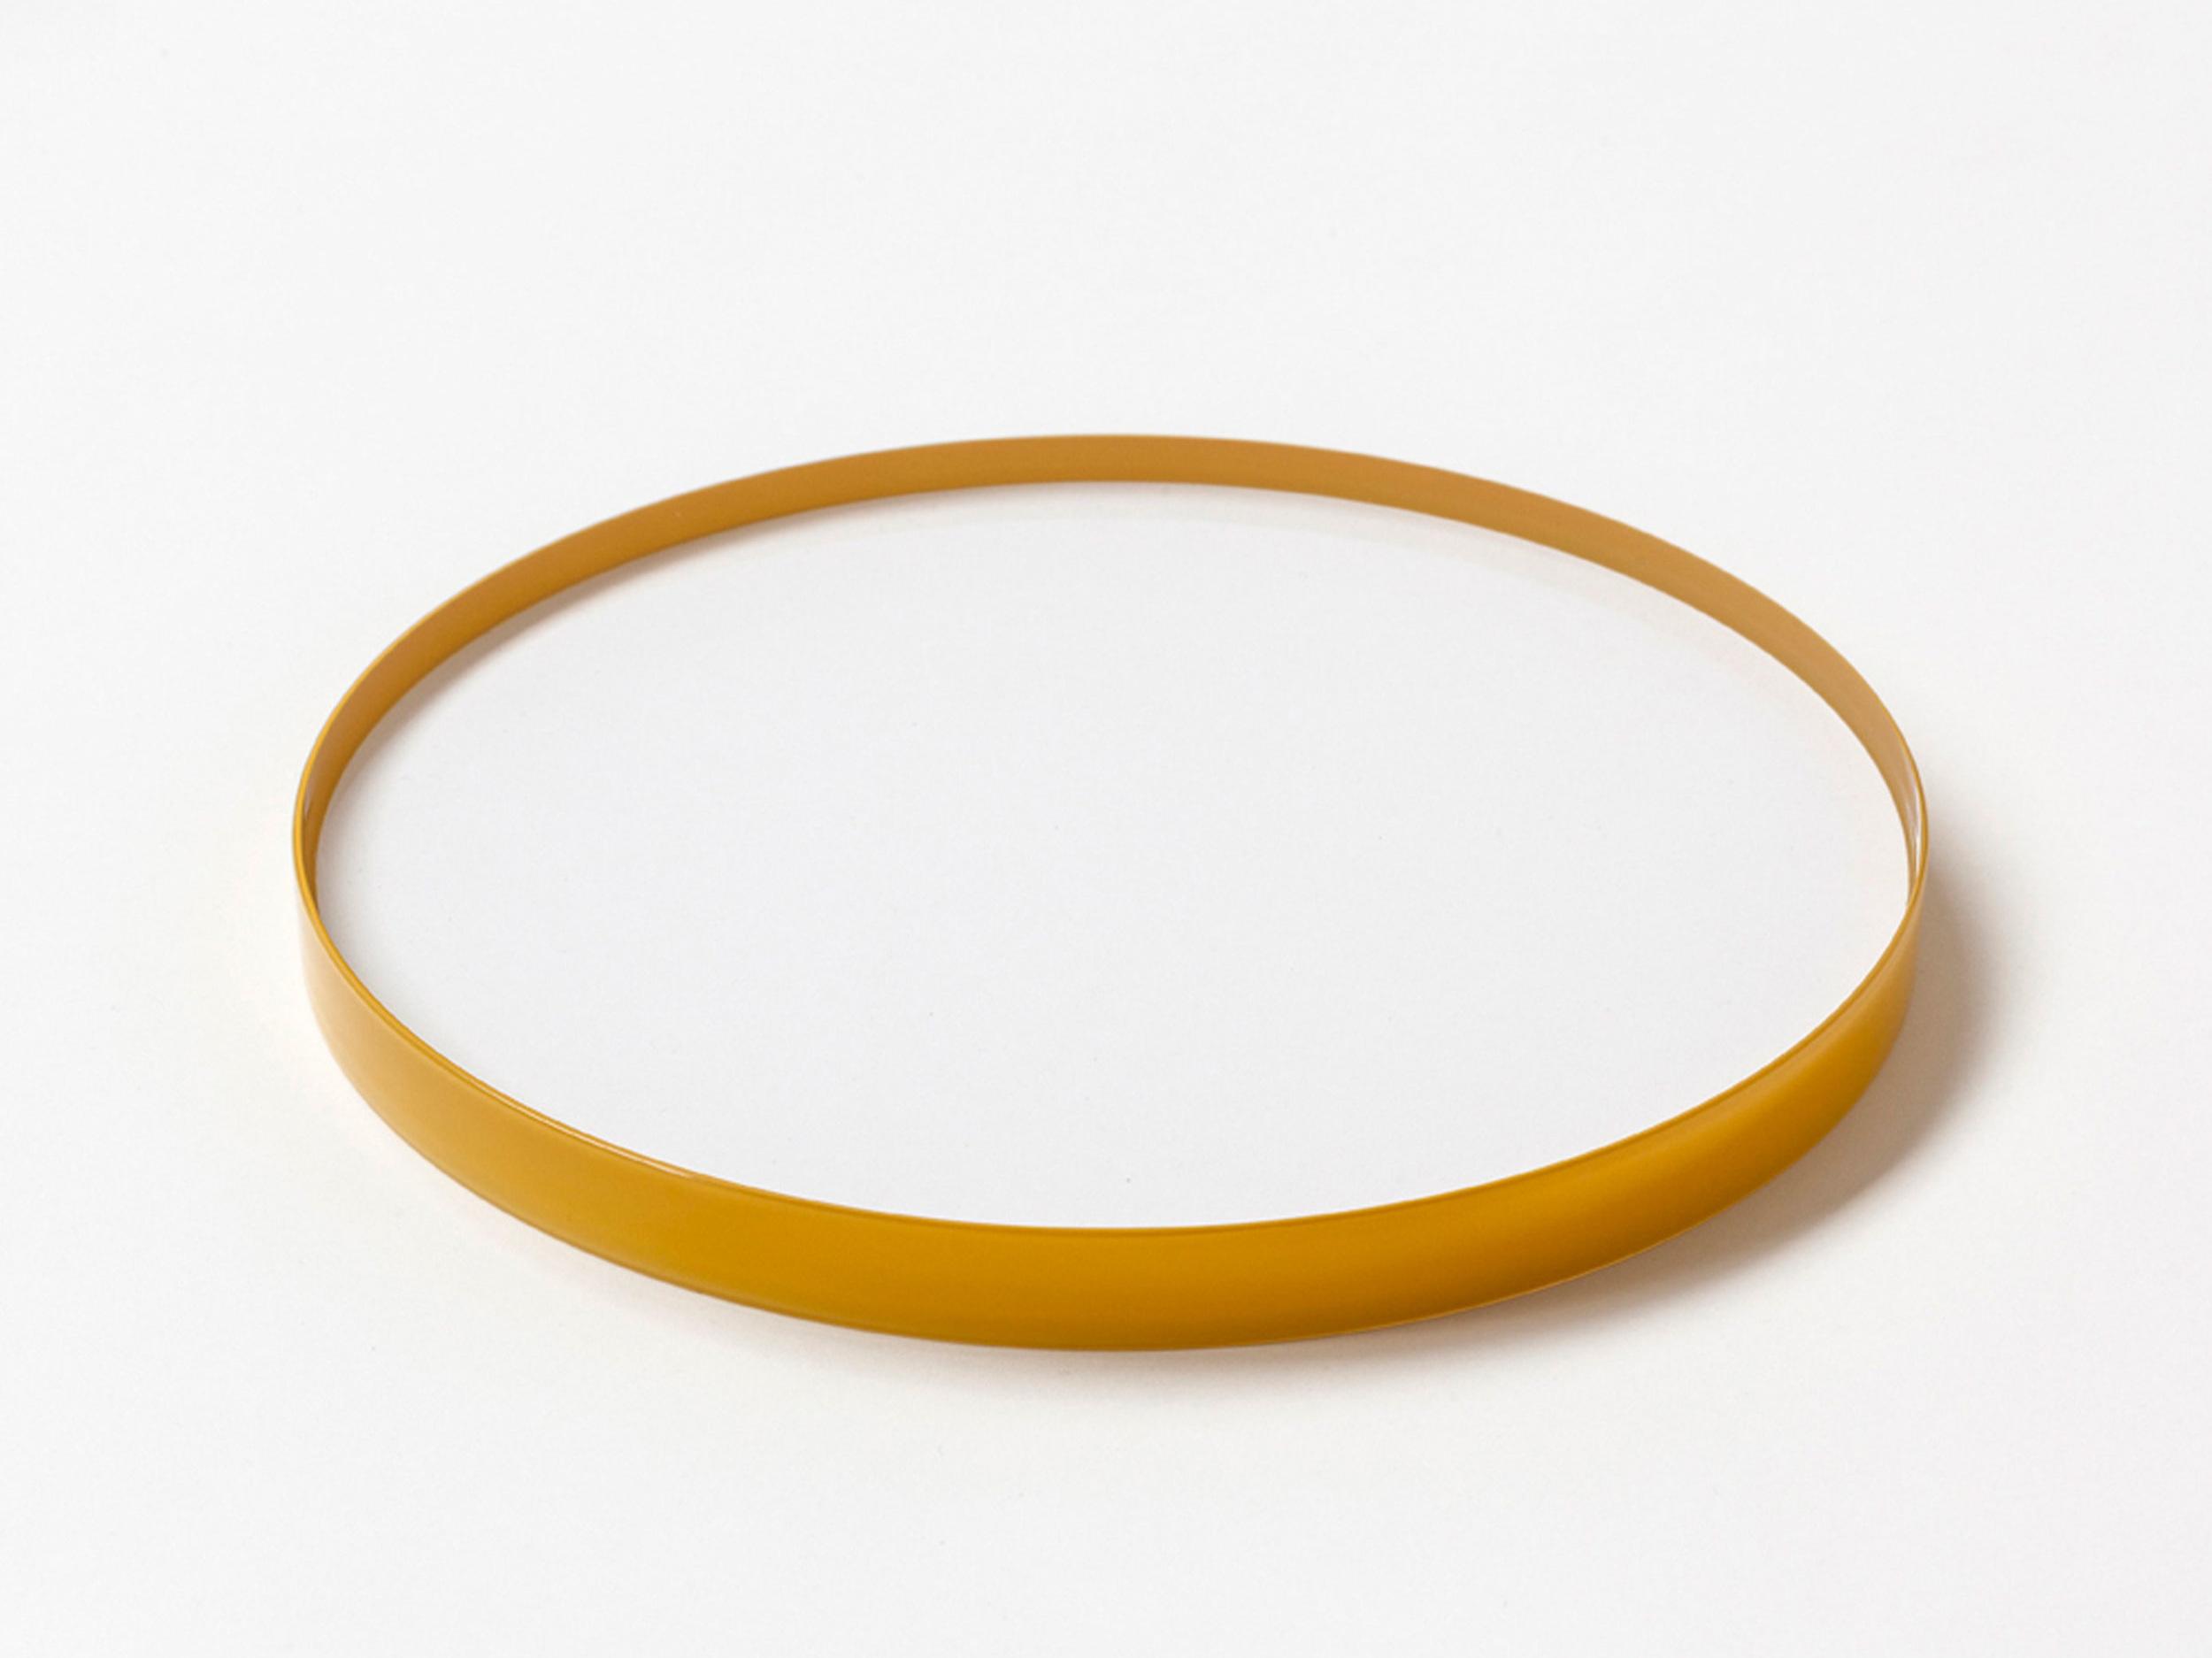 Yellowrim-solid-glass-plate.jpg